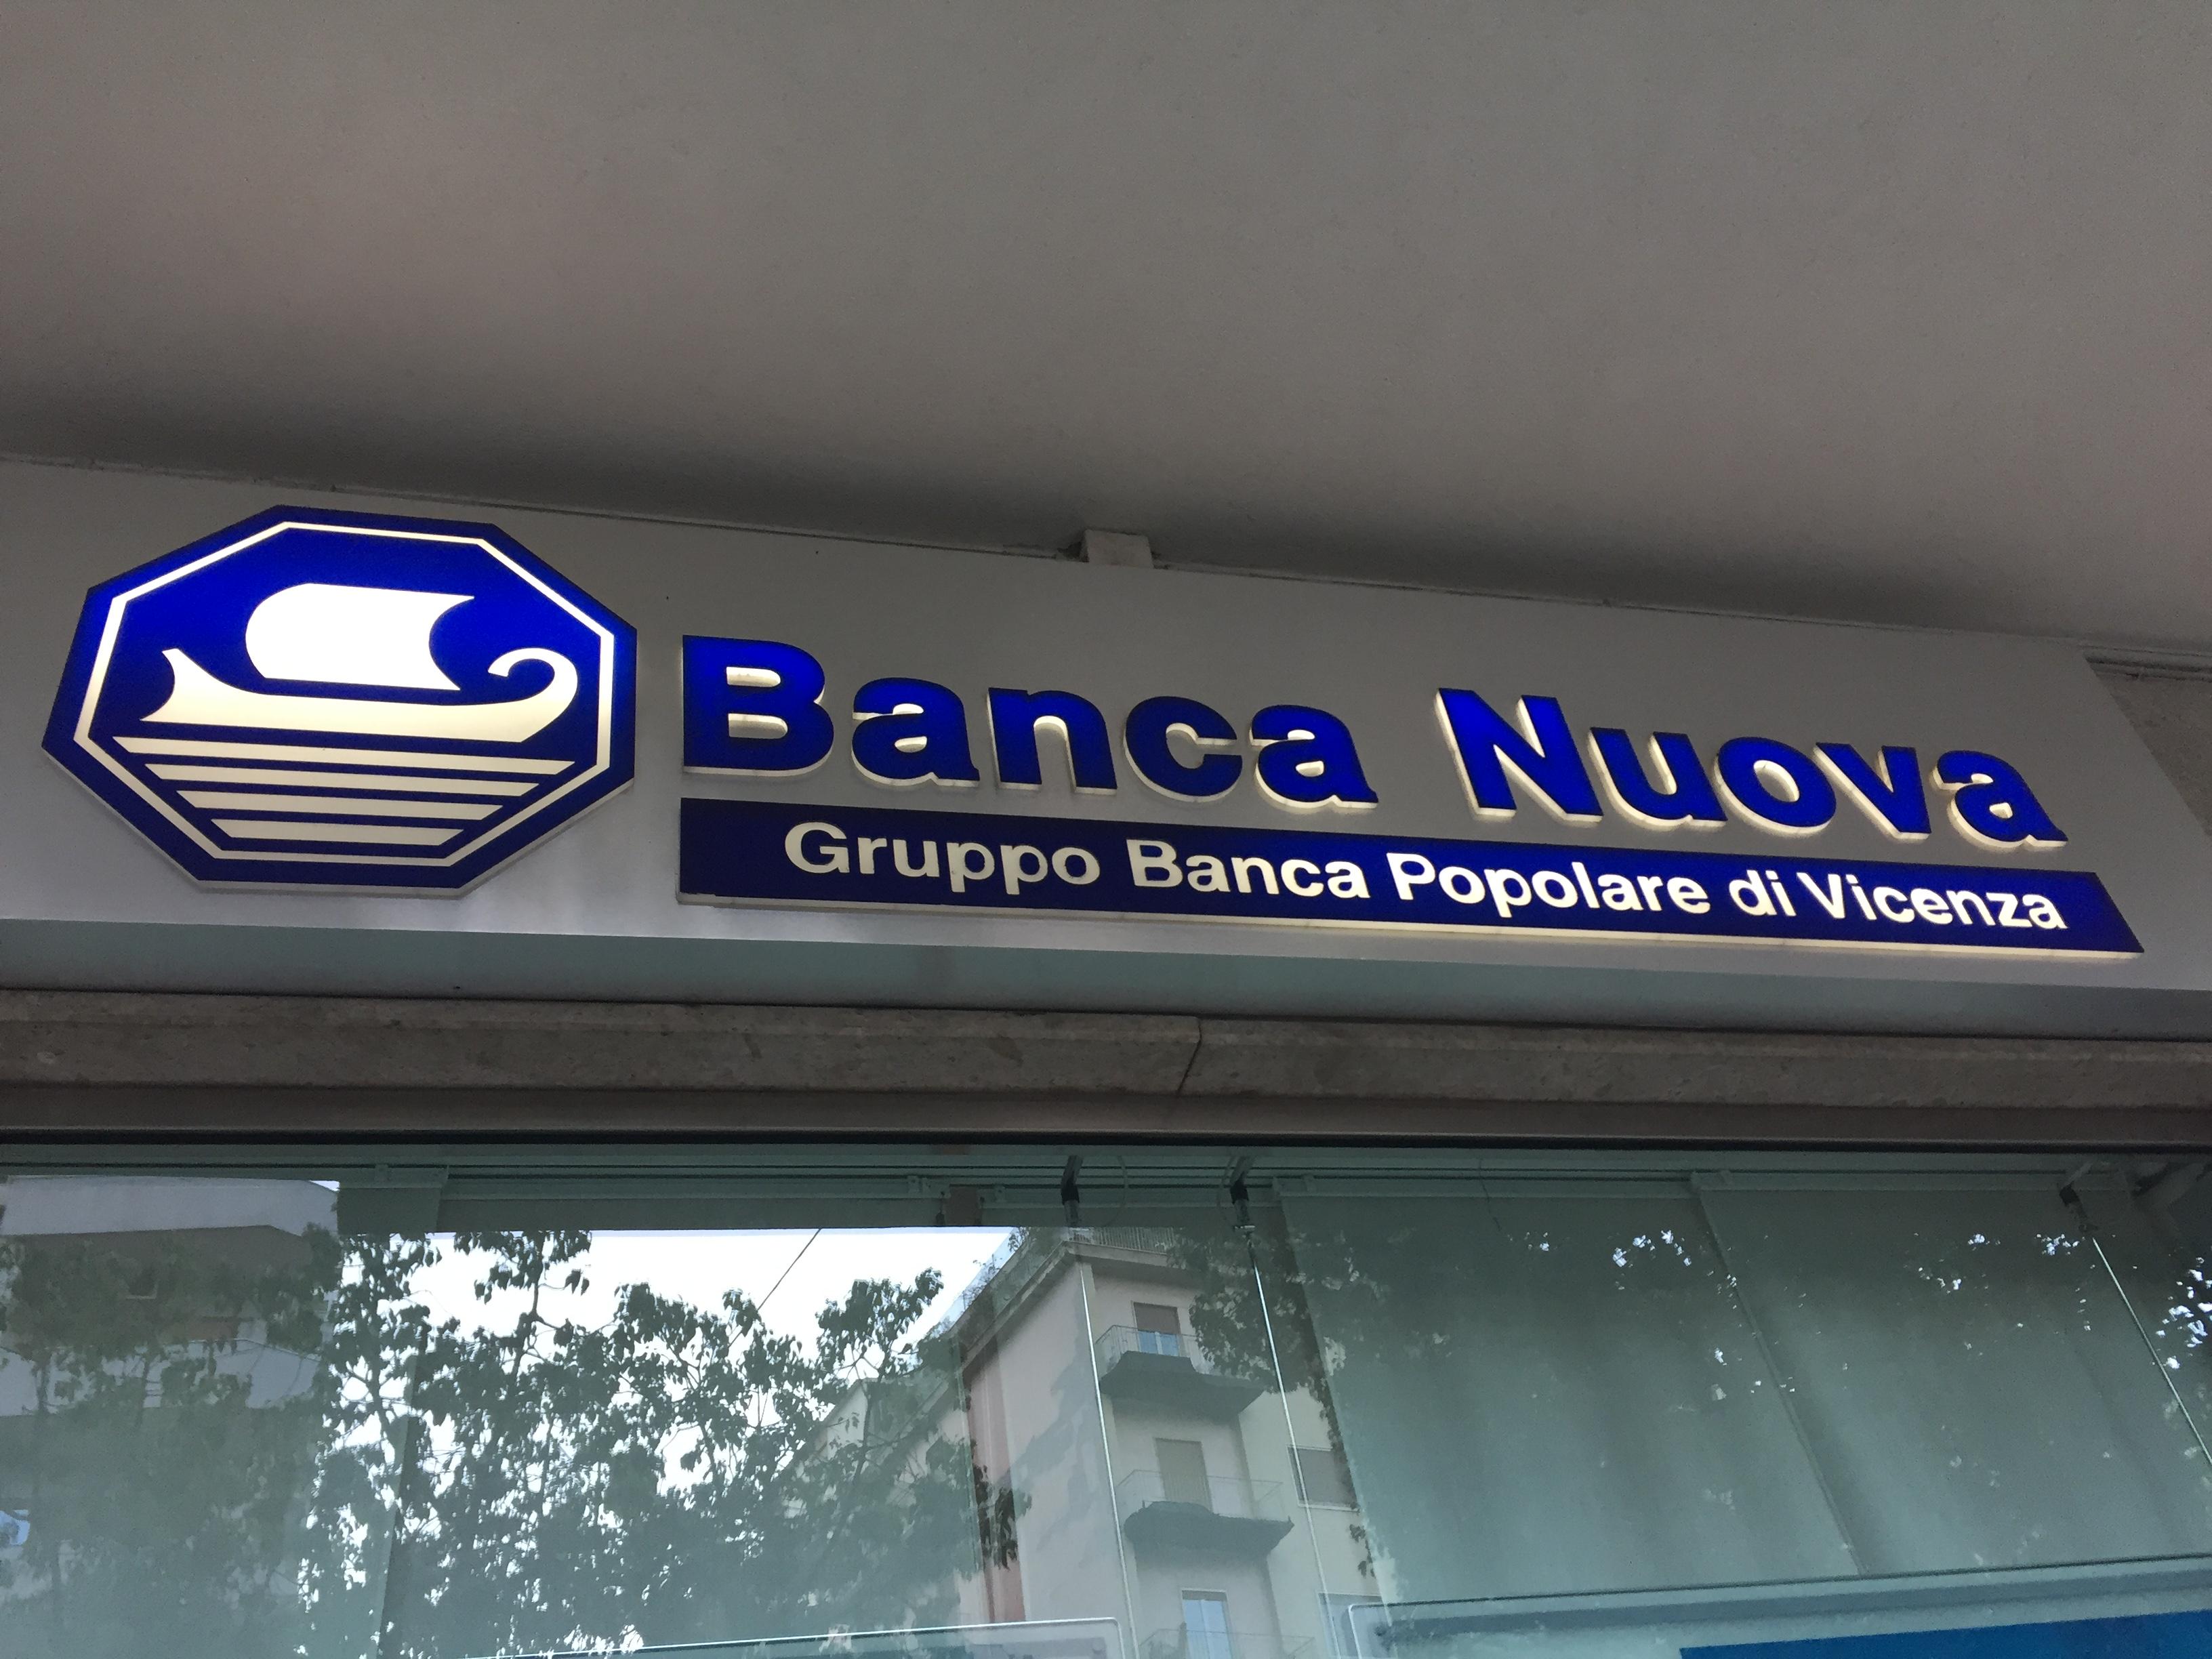 Banca nuova e le obbligazioni Un altra beffa per i clienti